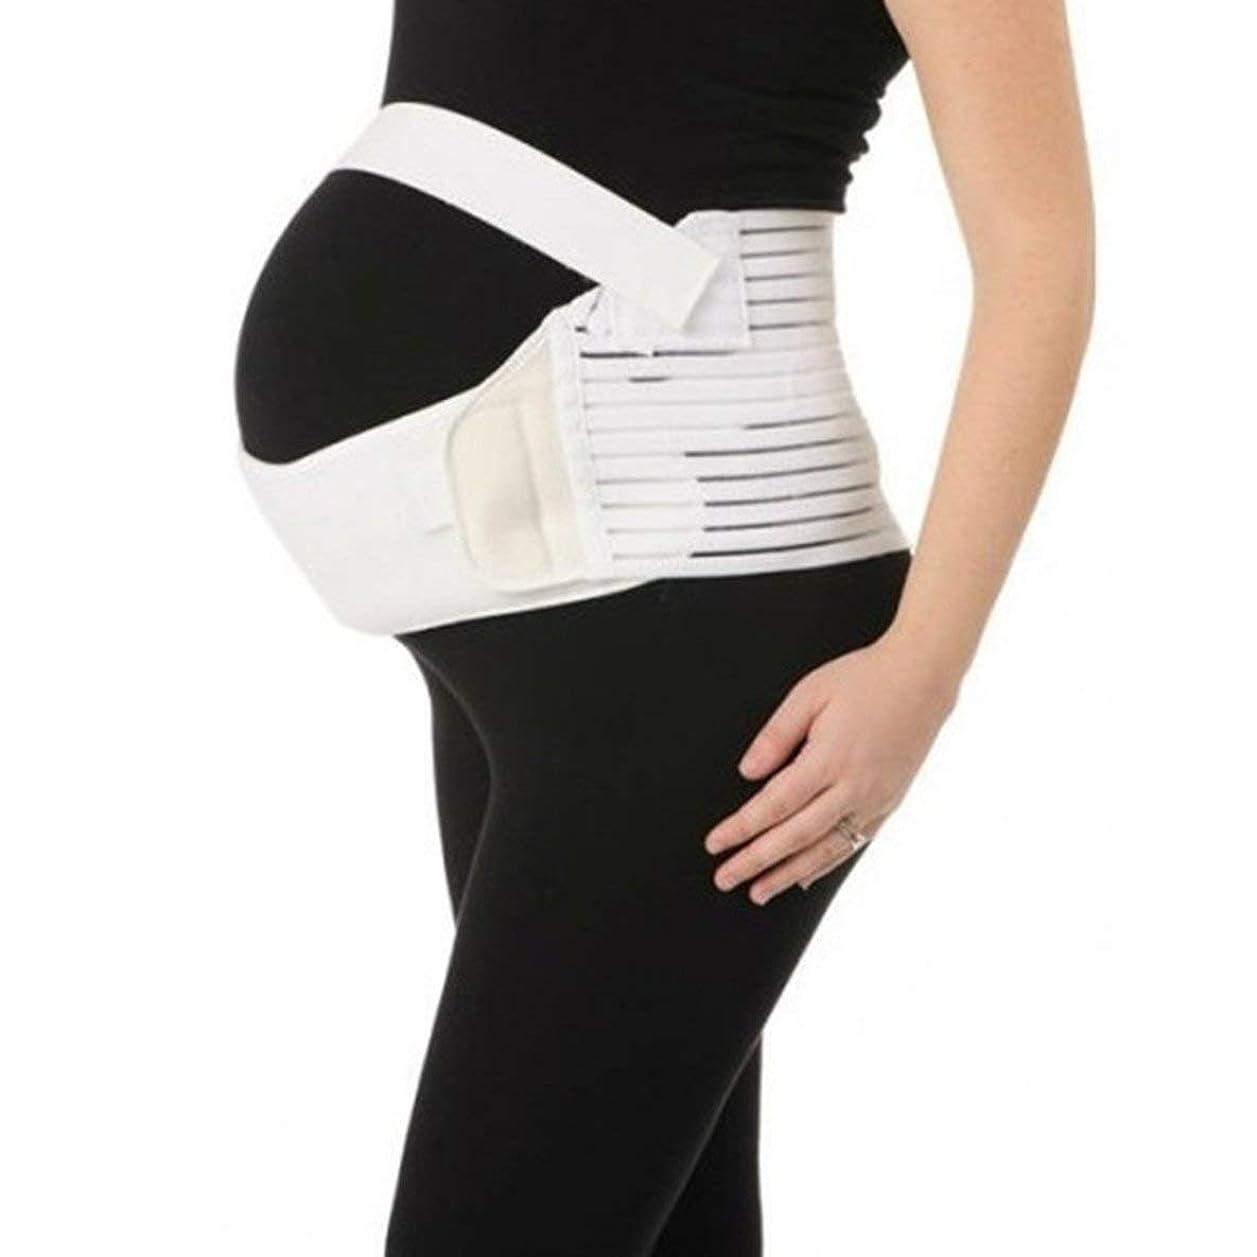 ちらつきお嬢ほのめかす通気性マタニティベルト妊娠腹部サポート腹部バインダーガードル運動包帯産後回復形状ウェア - ホワイトXL